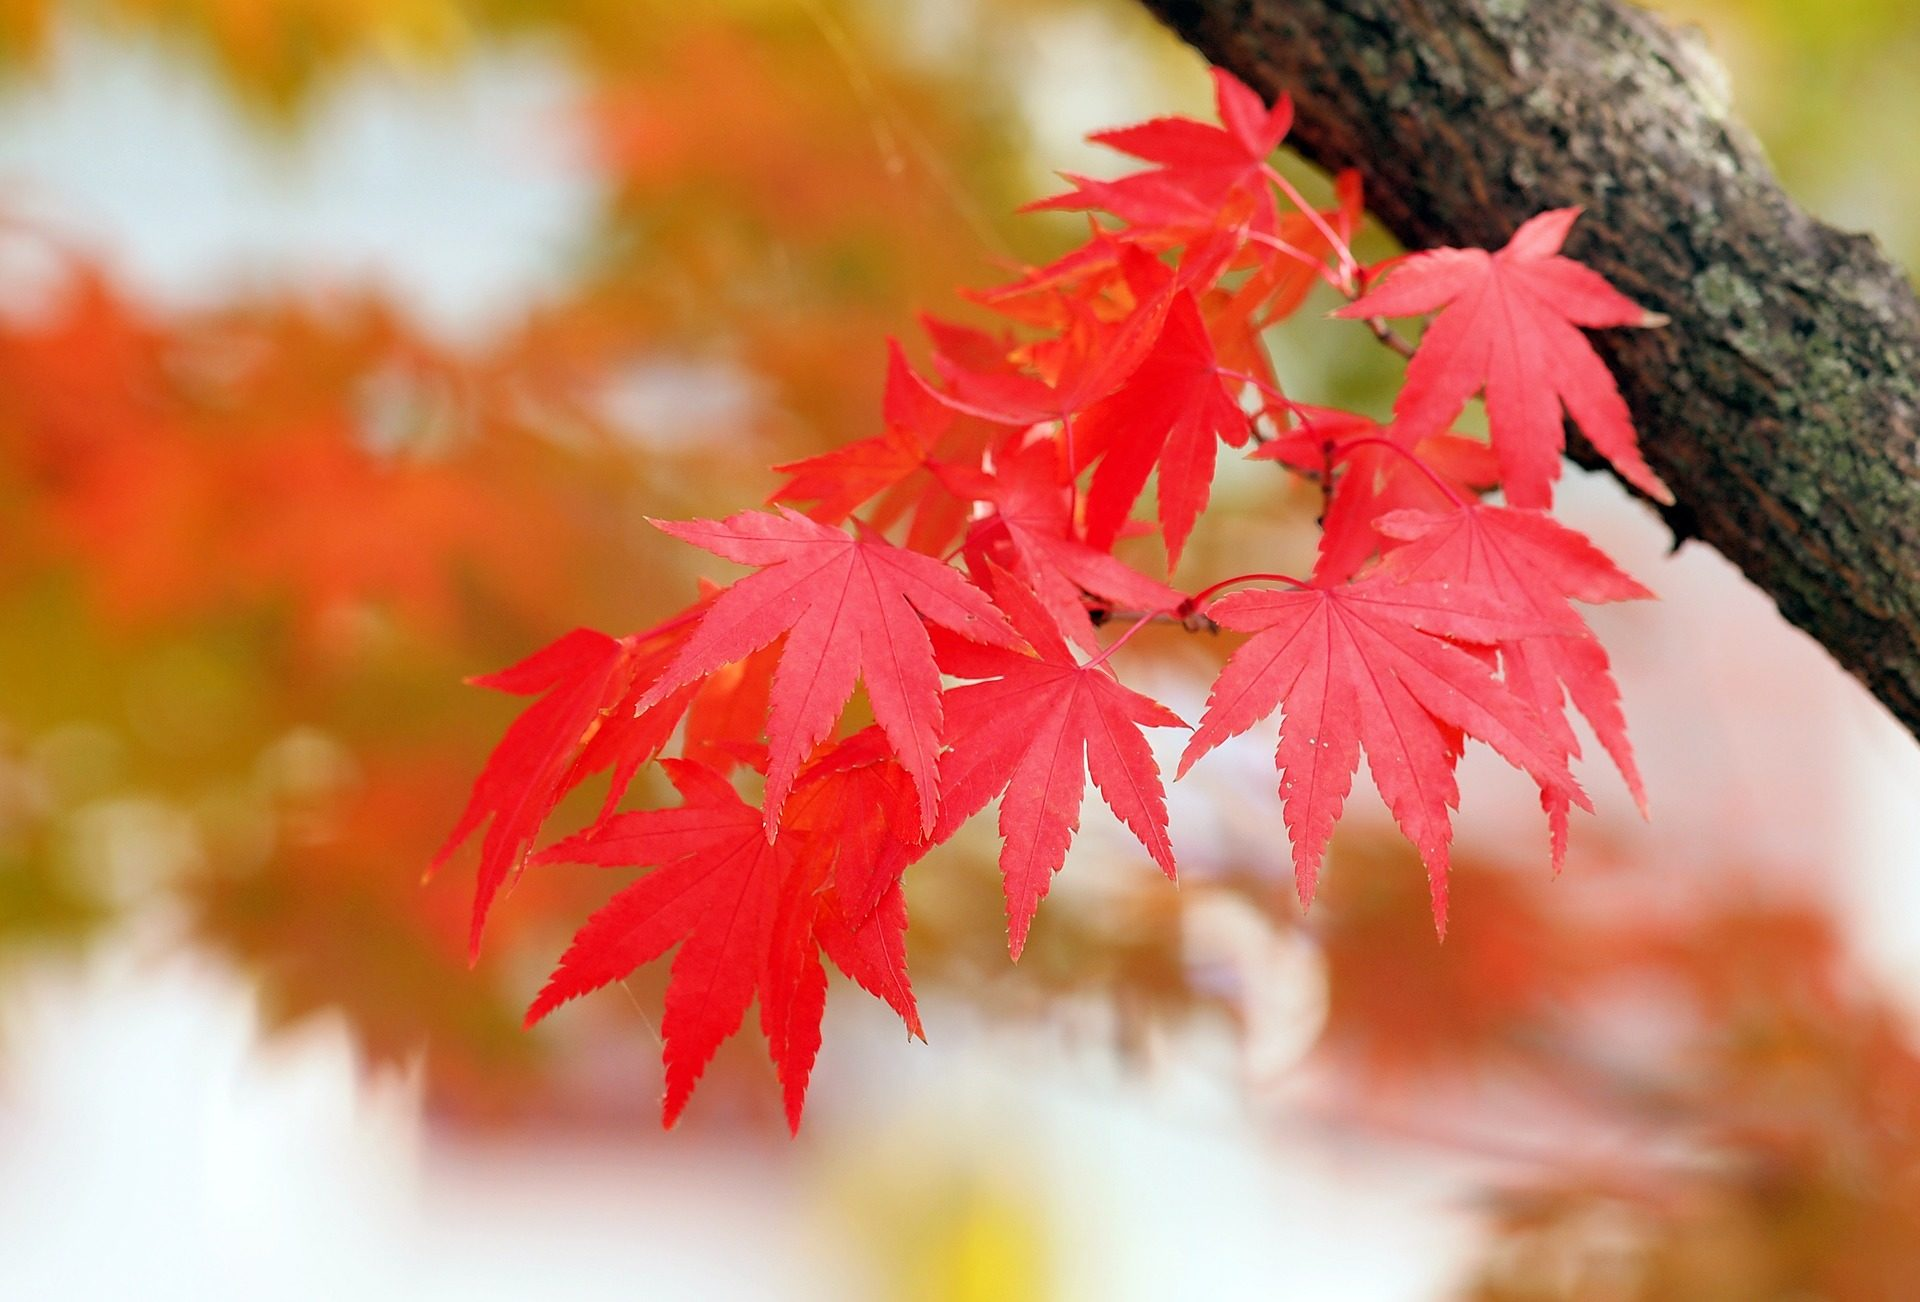 листья, дерево, Красный, Клен, Осень - Обои HD - Профессор falken.com